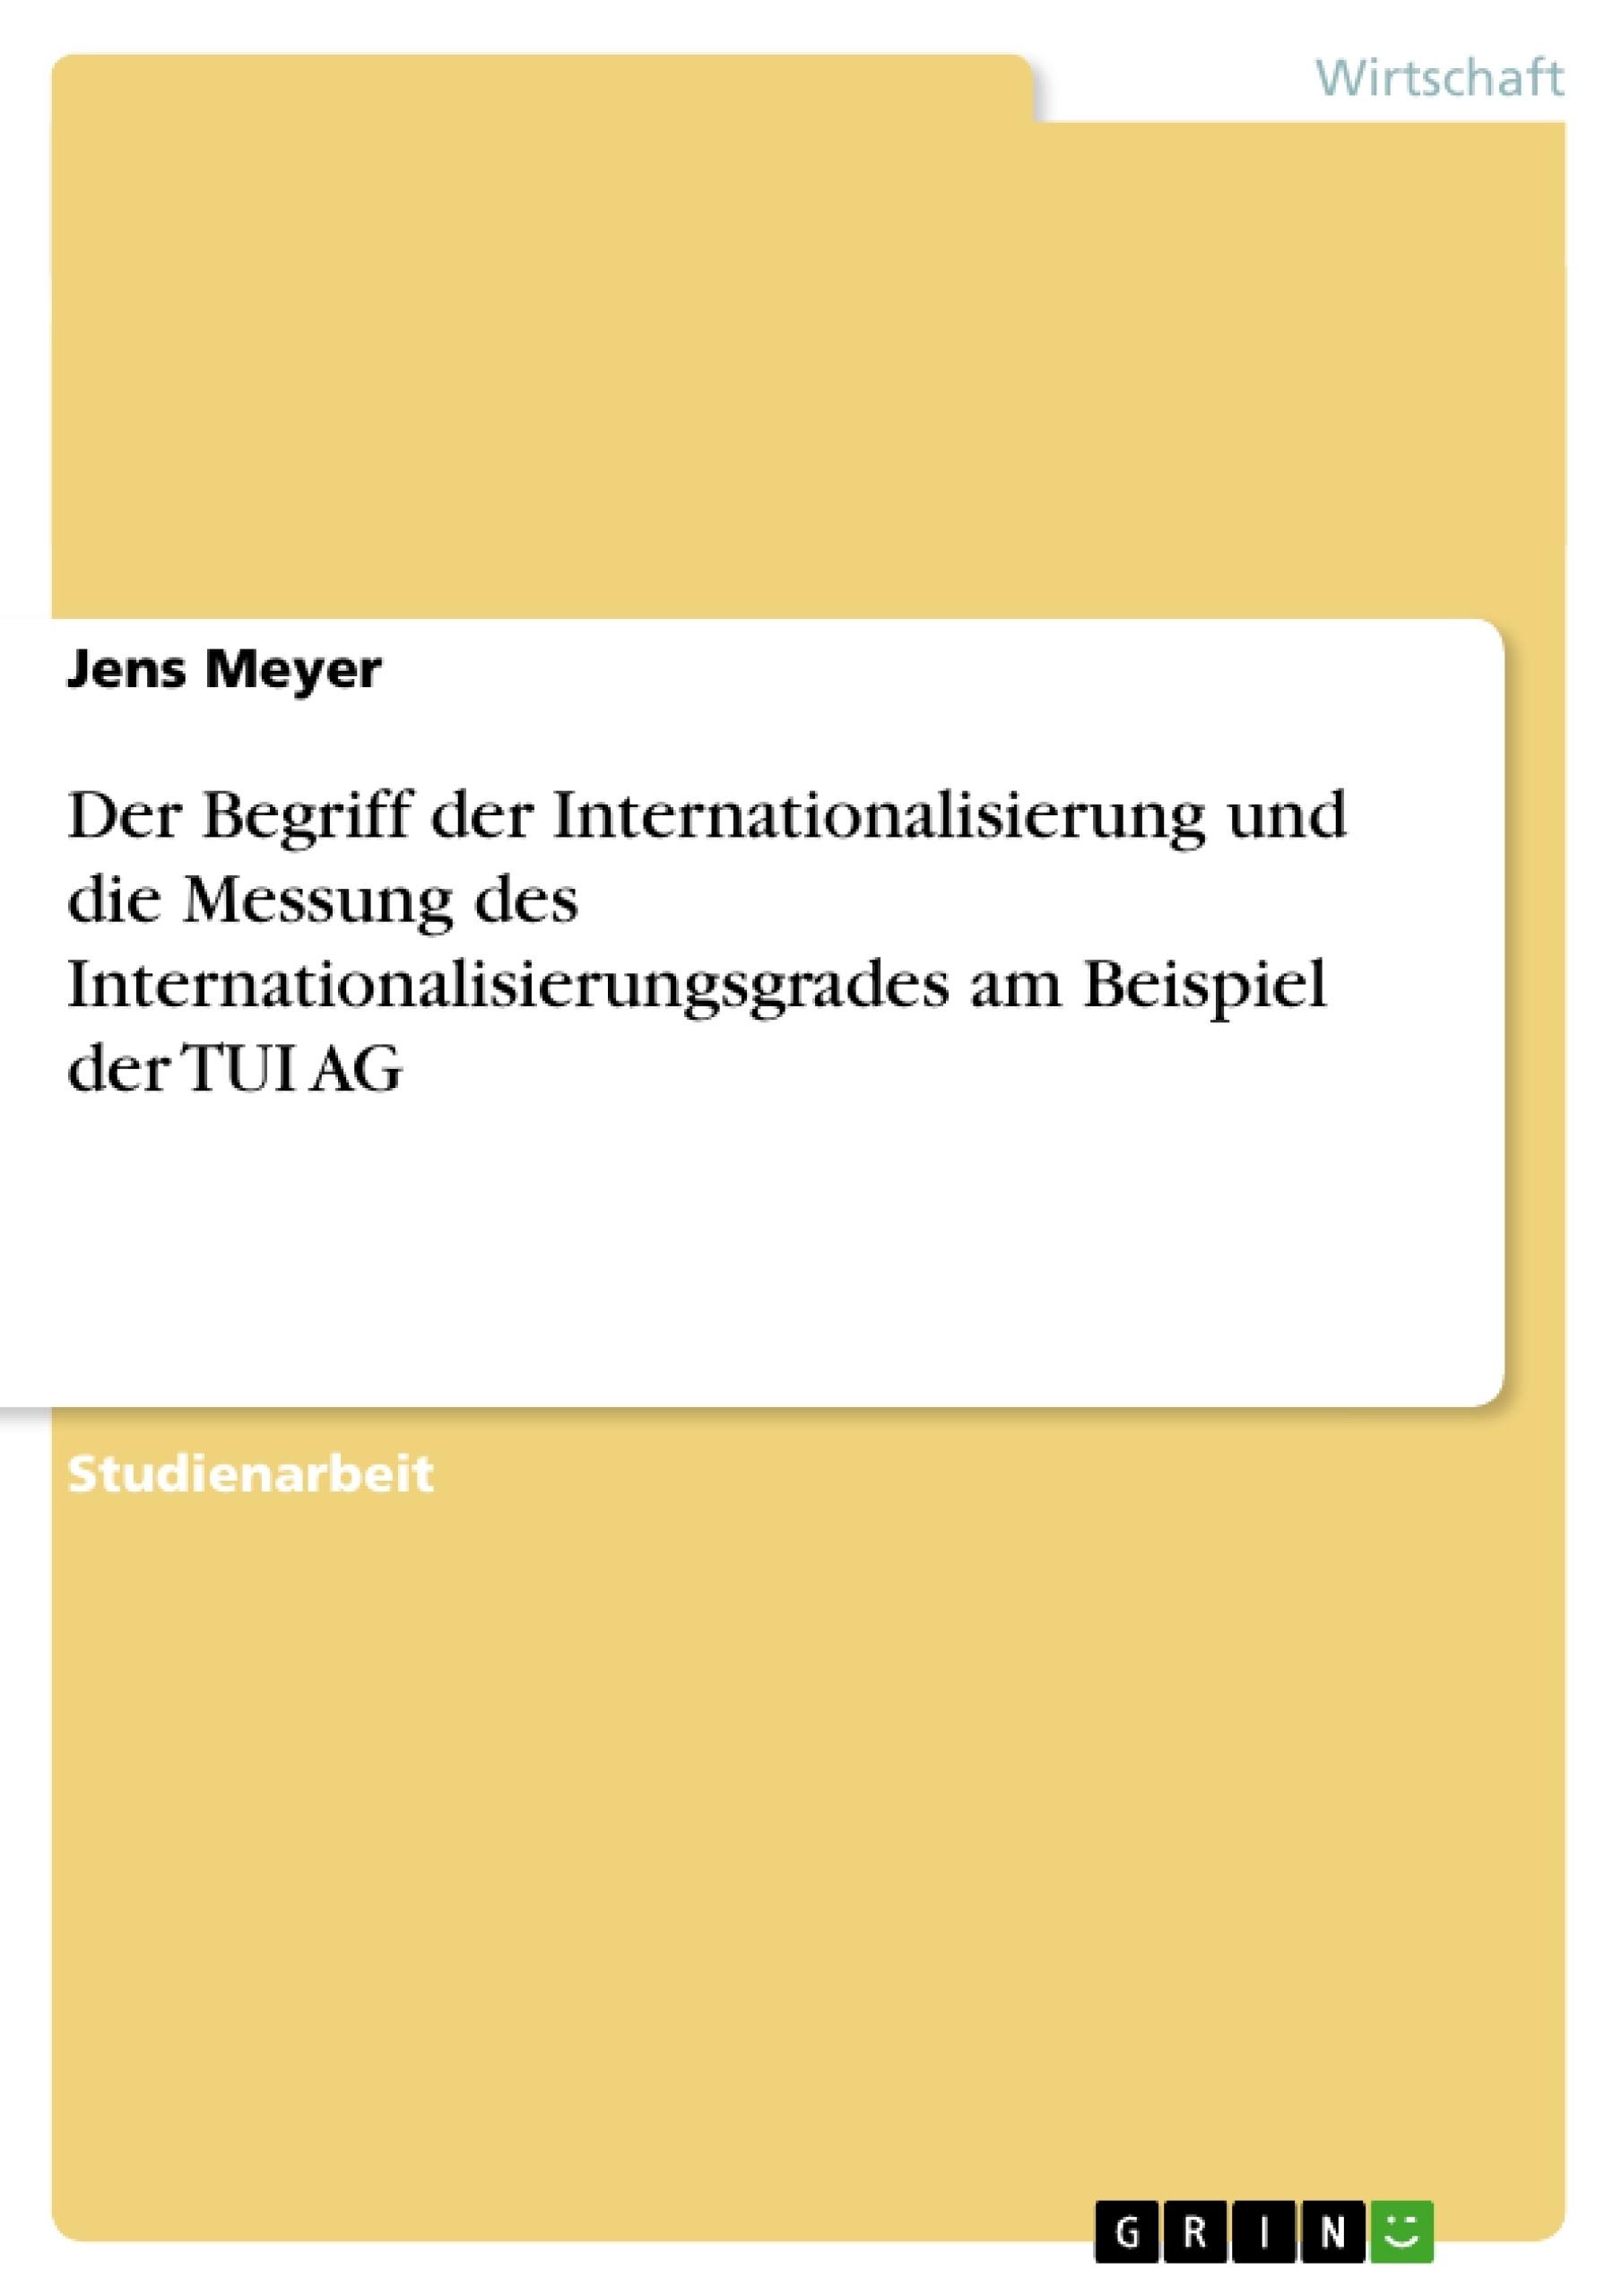 Titel: Der Begriff der Internationalisierung und die Messung des Internationalisierungsgrades am Beispiel der TUI AG